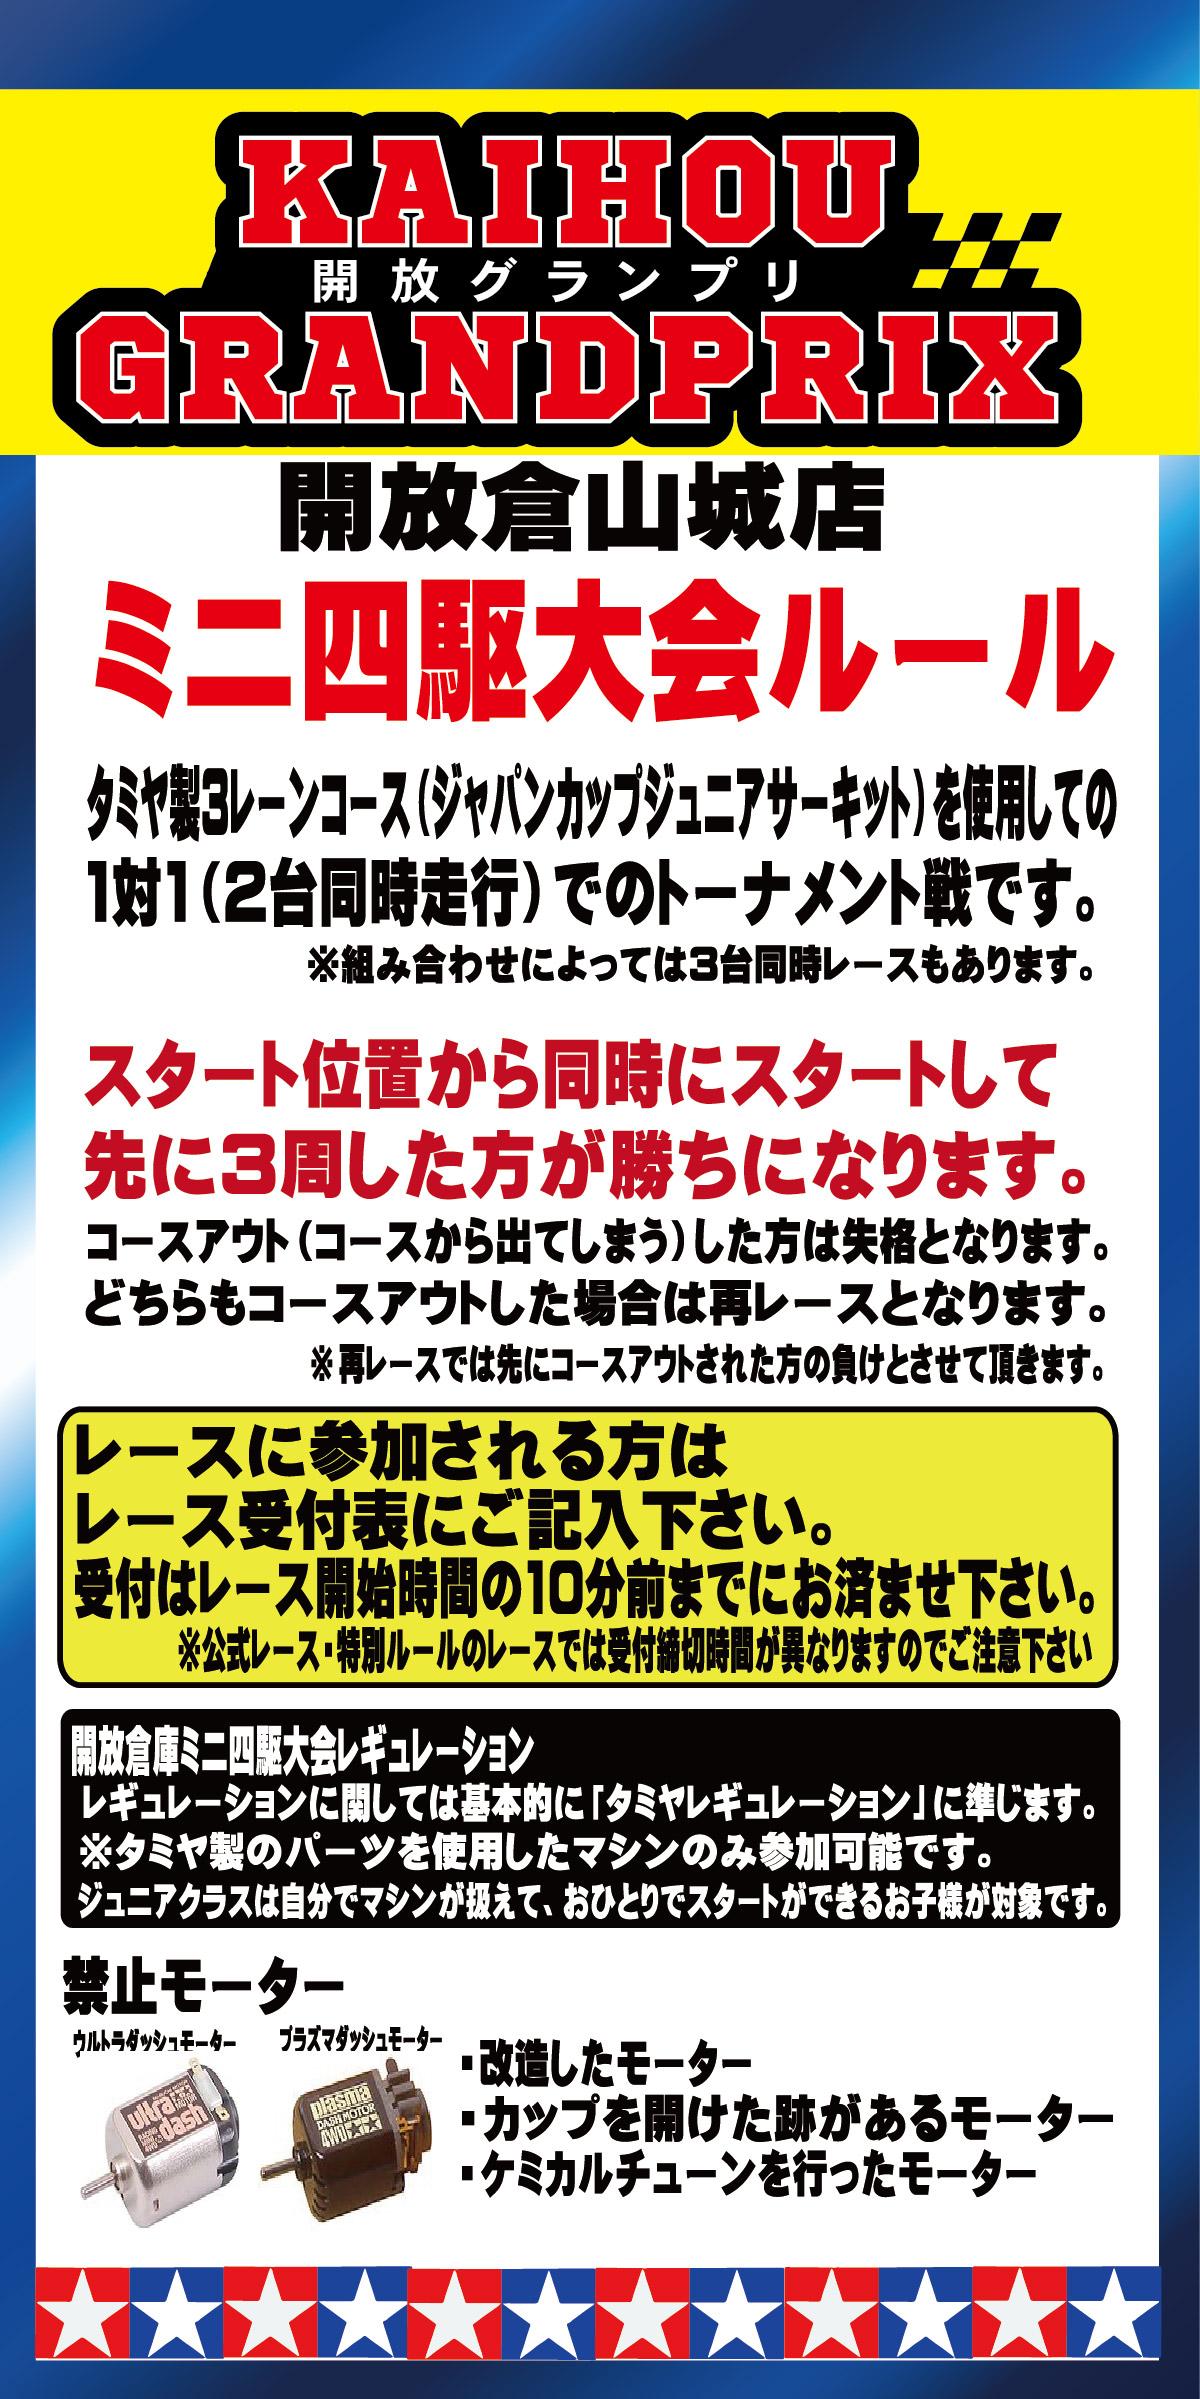 「開放倉庫山城店」ミニ四駆大会ルール